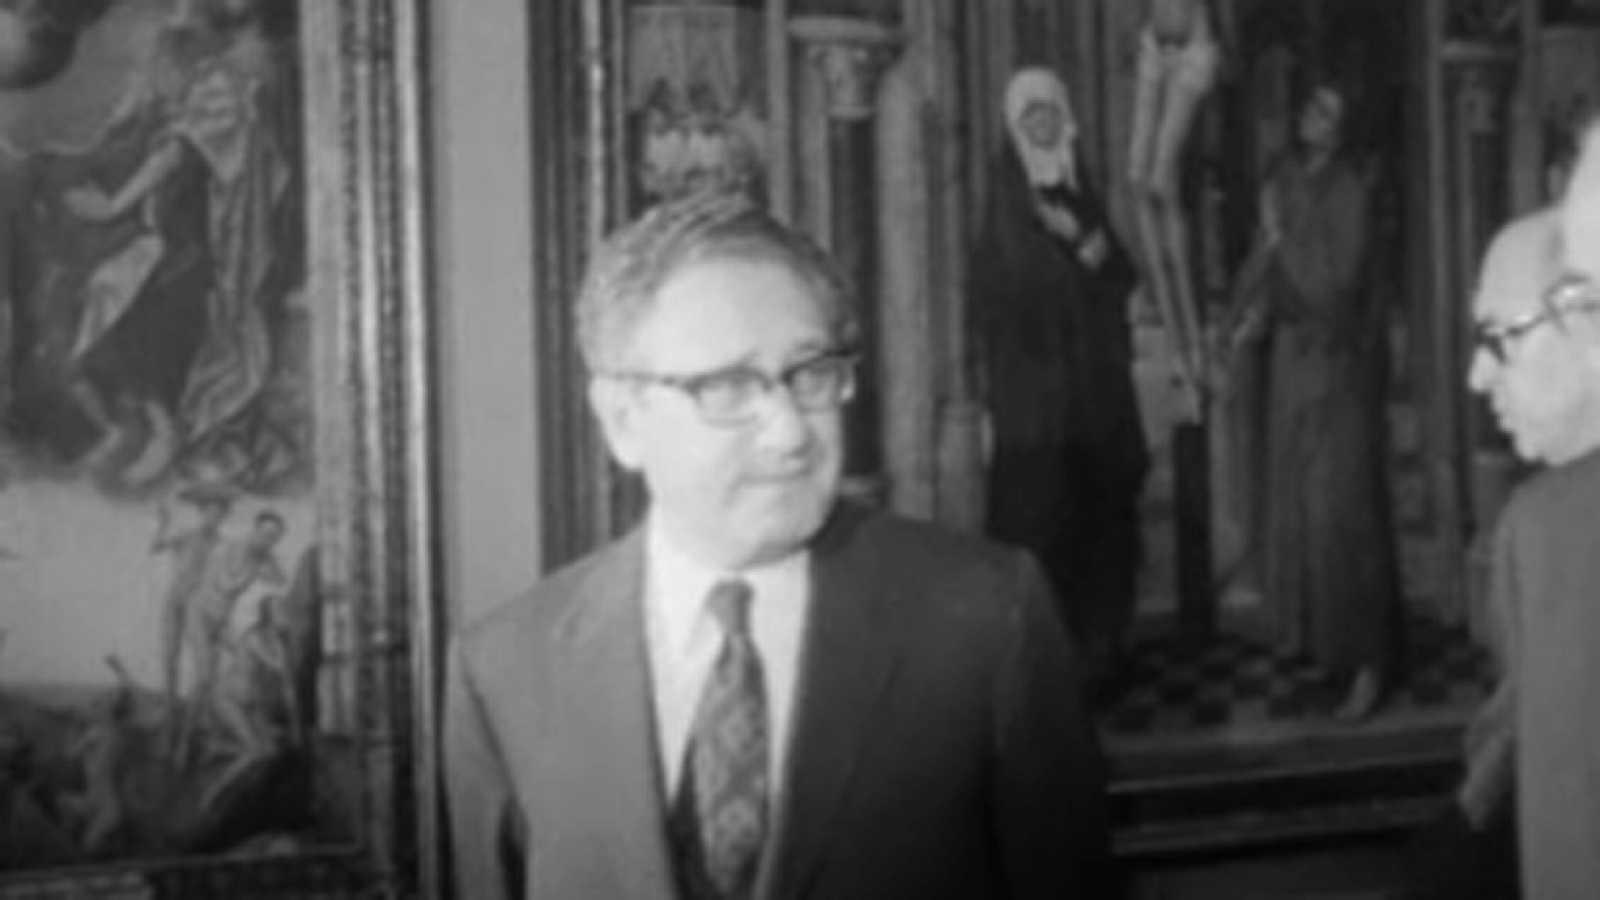 Noticias Nacional 1973 - Henry Kissinger visita el Museo del Prado